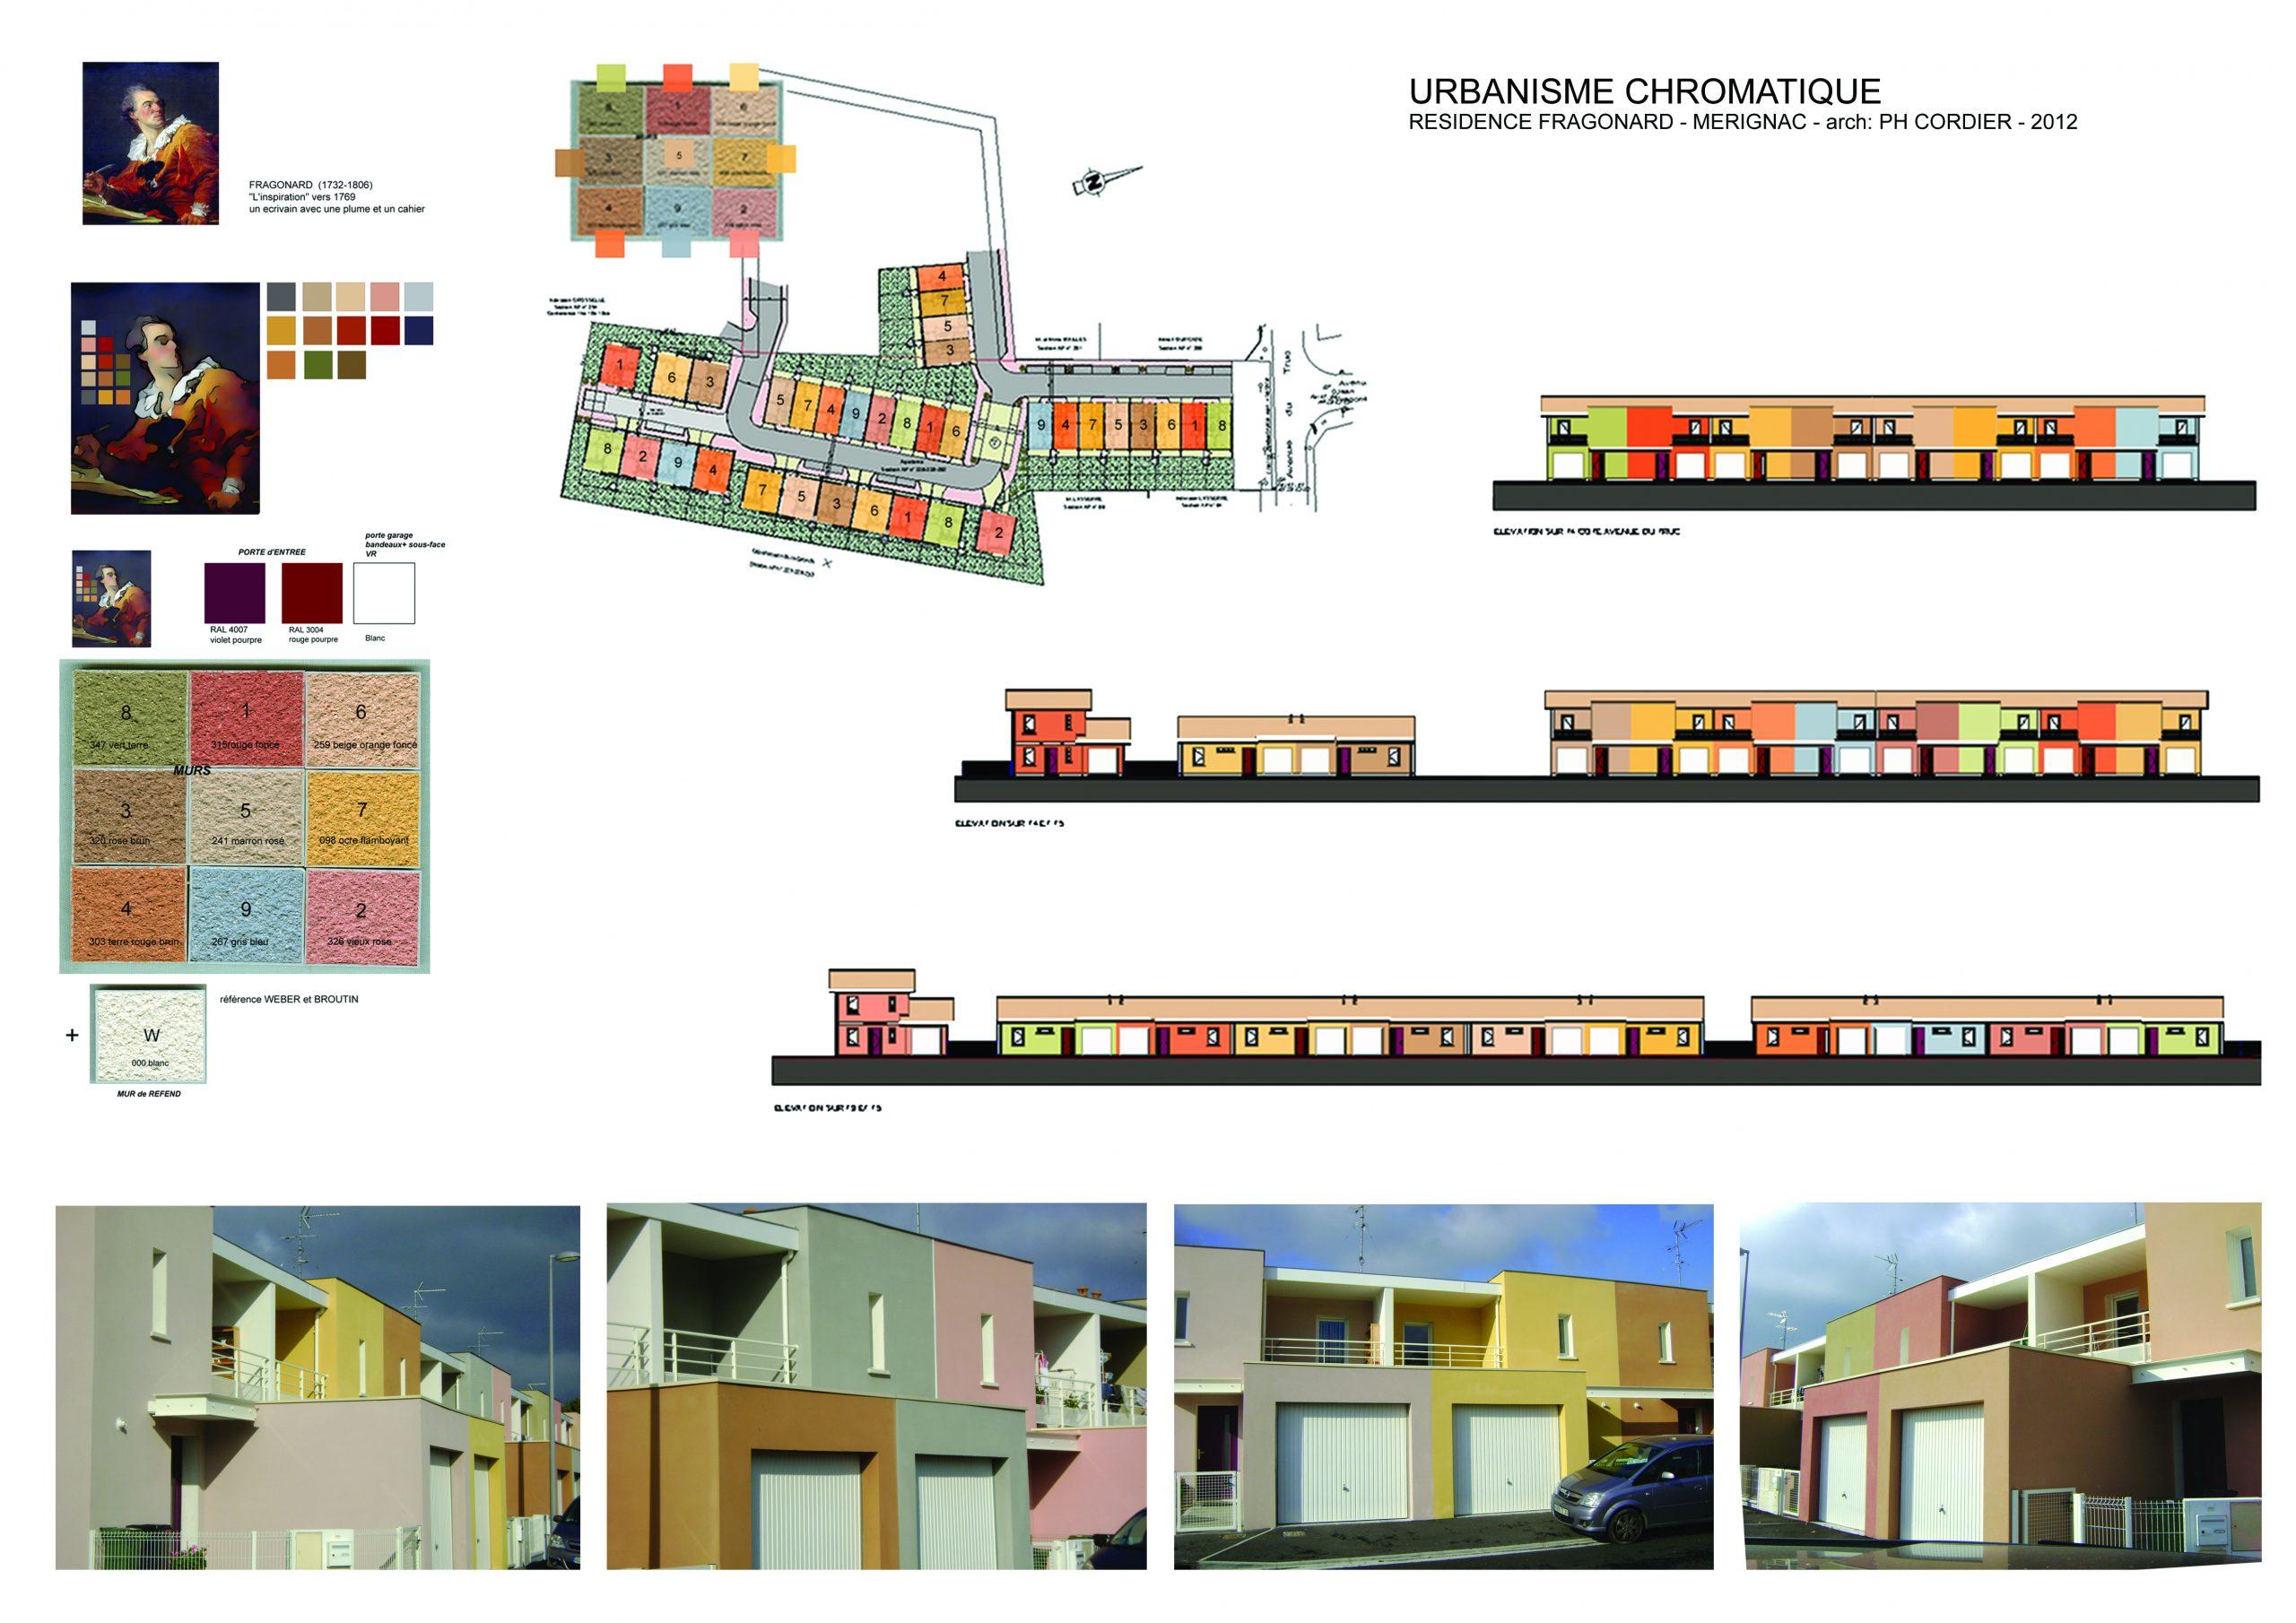 Lotissement- Urbanisme Chromatique-arch Philippe Cordier